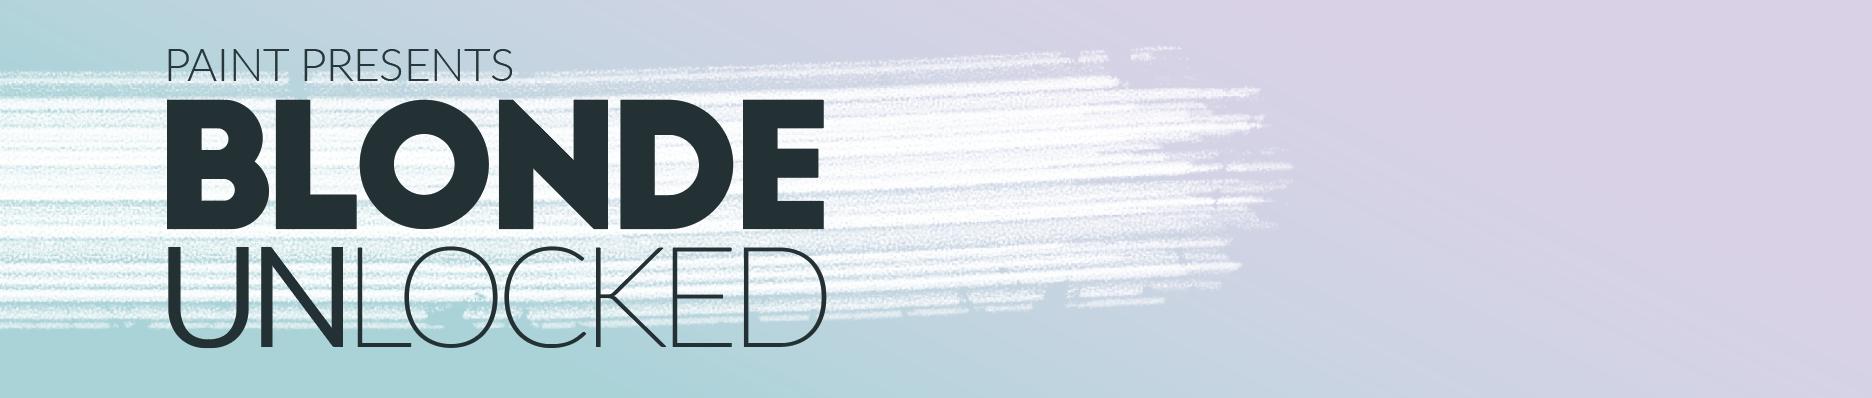 Blonde Unlocked logo header